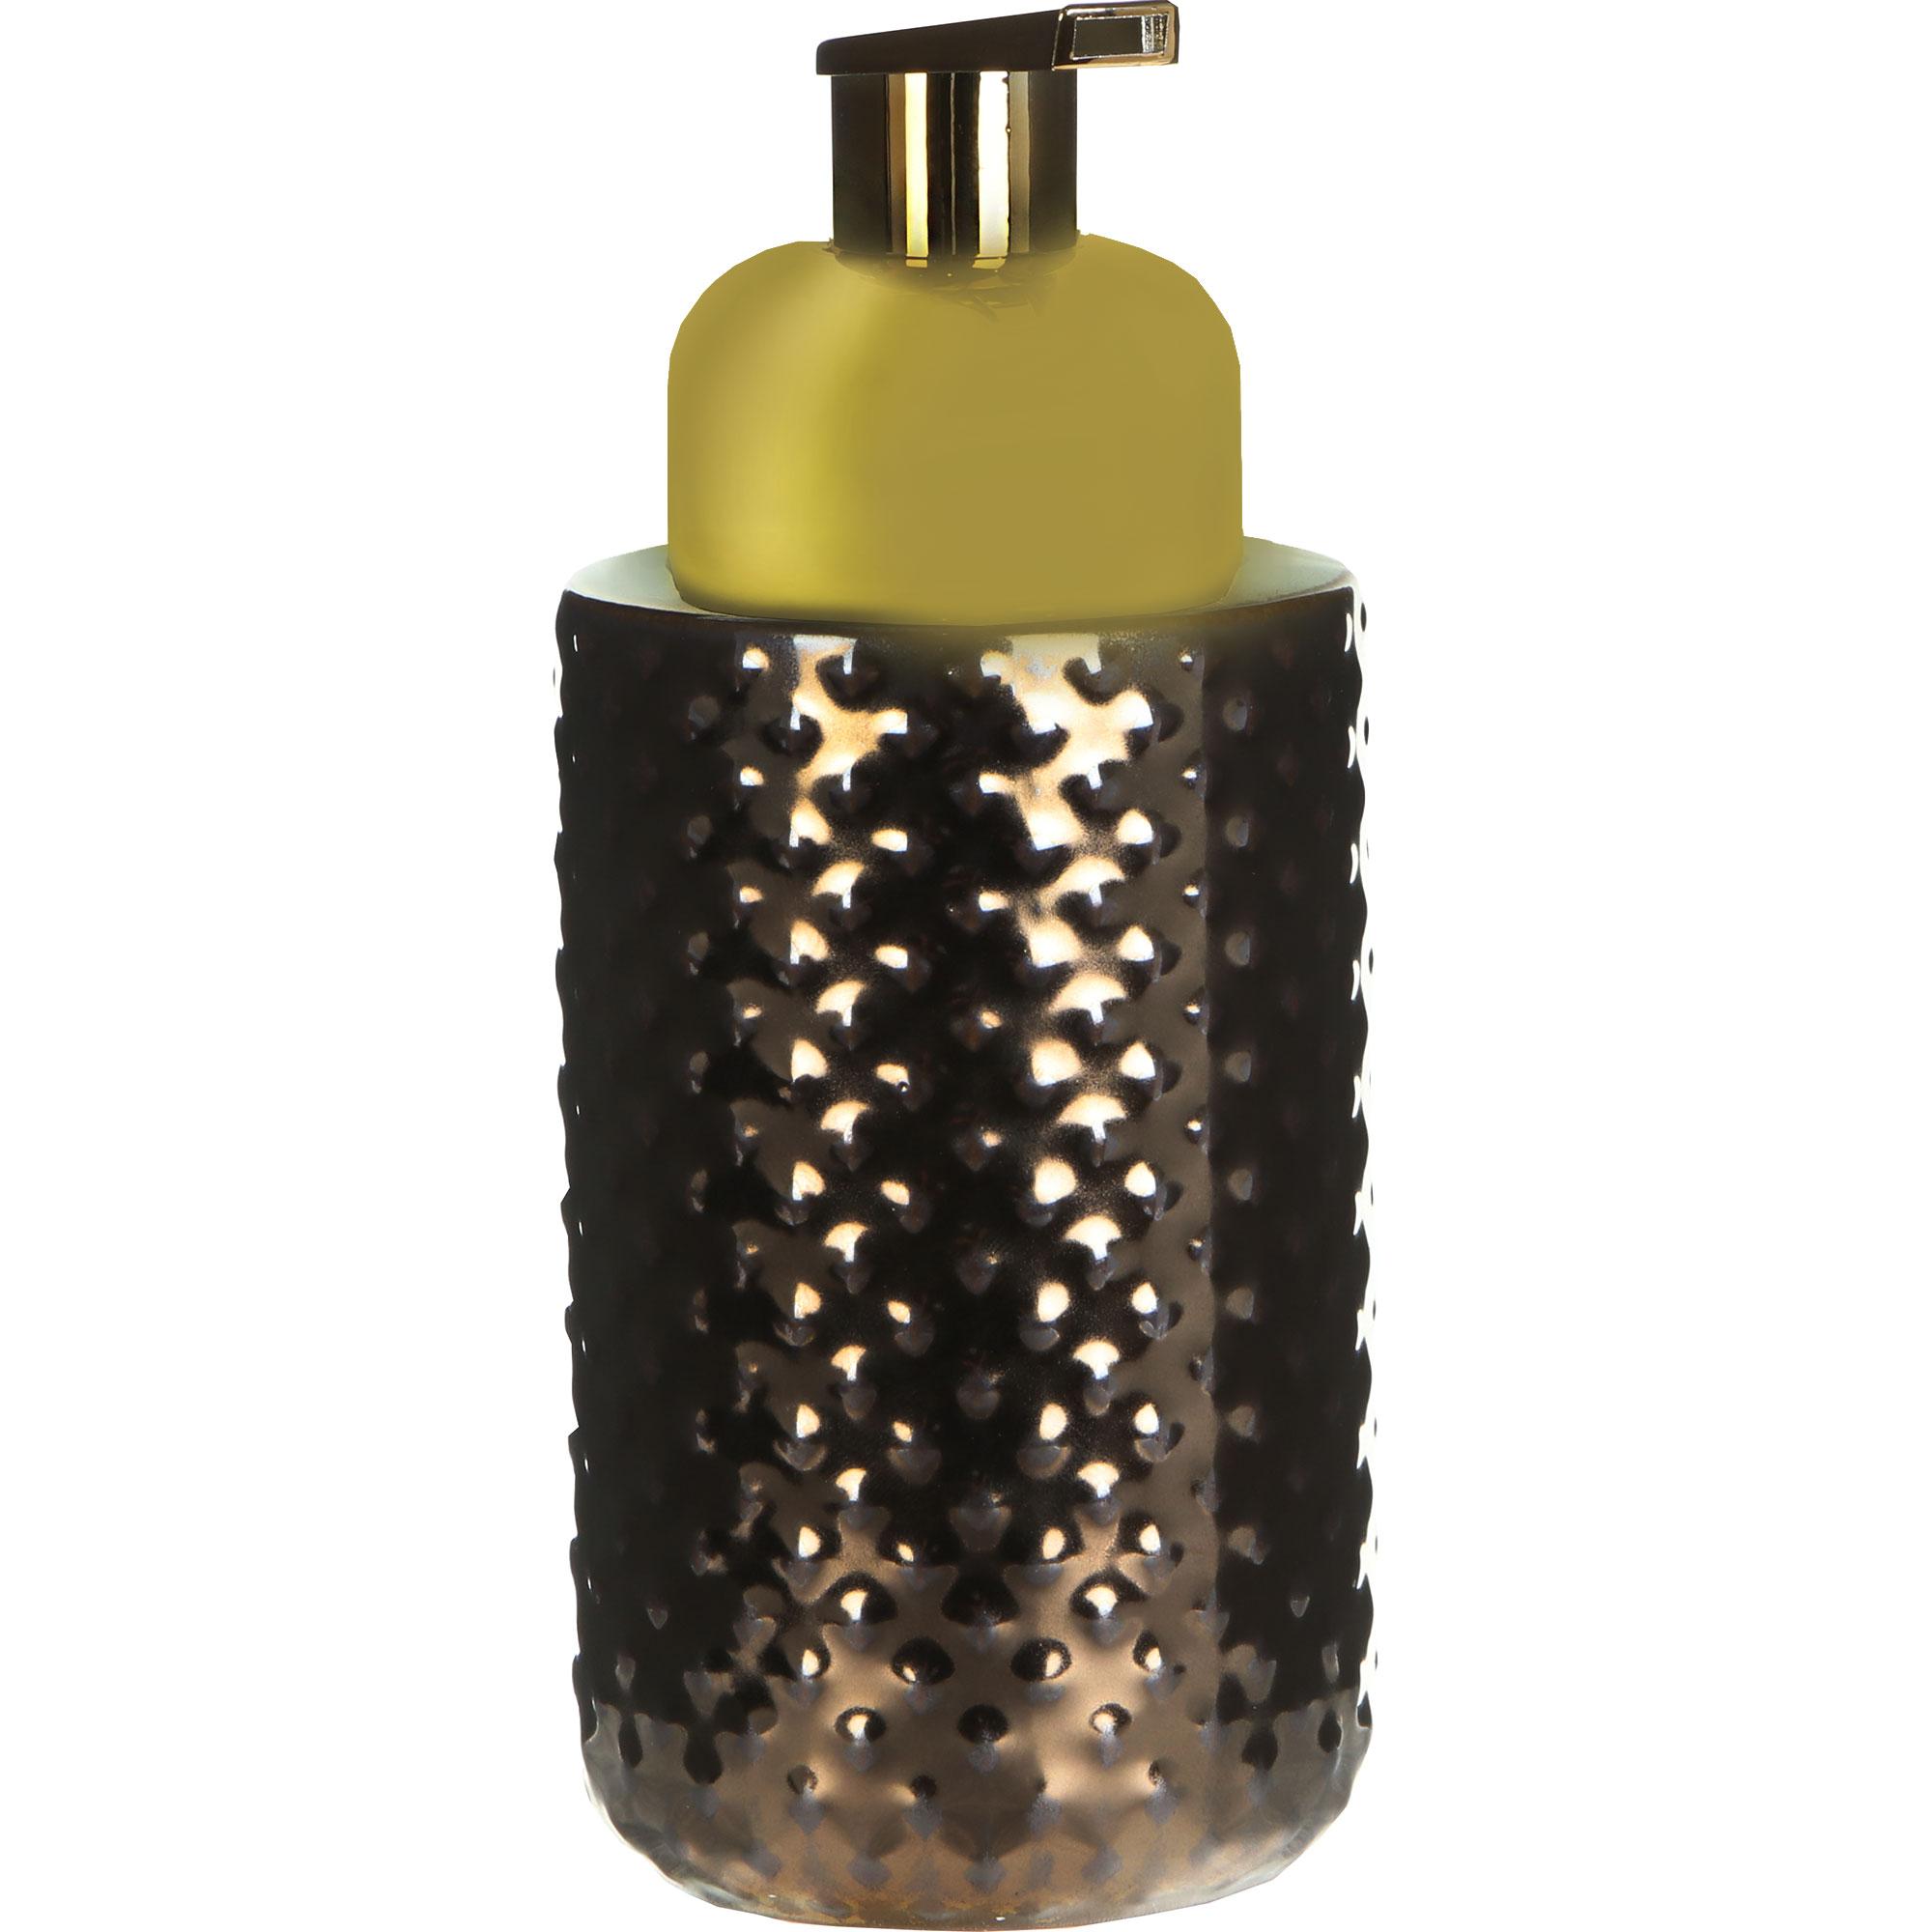 Дозатор для жидкого мыла Wenko sanitary Keo медный (23267100) дозатор для мыла wenko sanitary goa бежевый